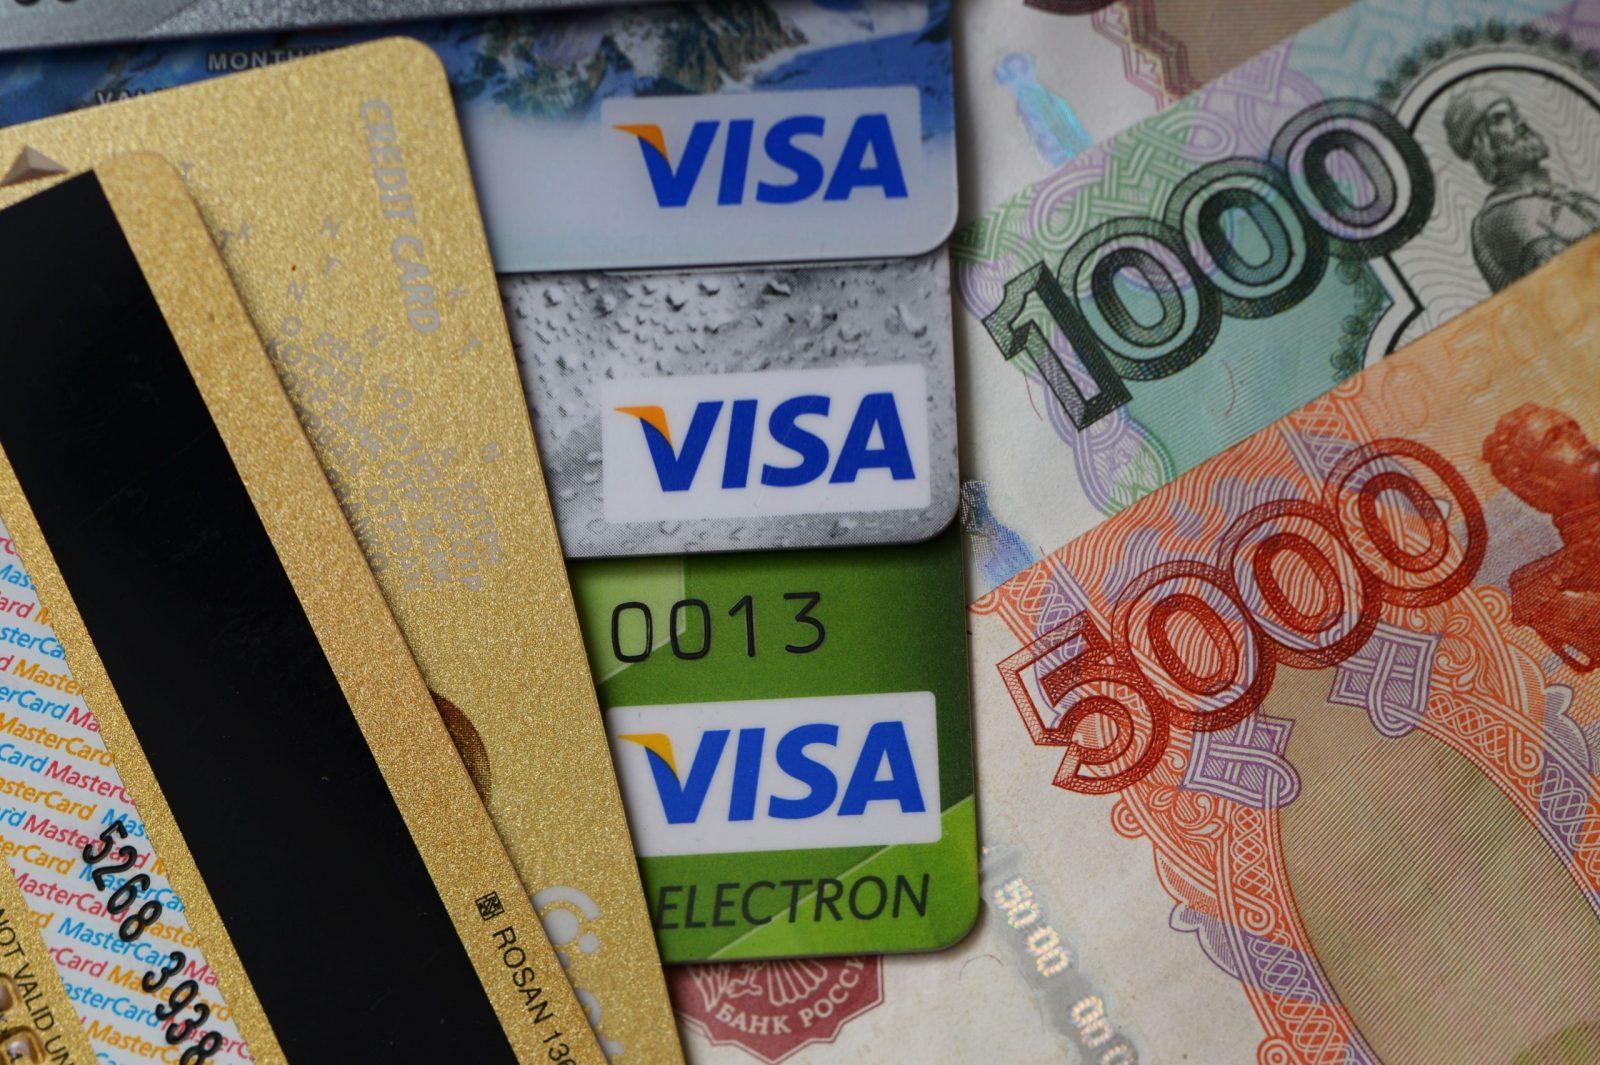 В рязанском общественном транспорте проезд с картой Visa будет дешевле